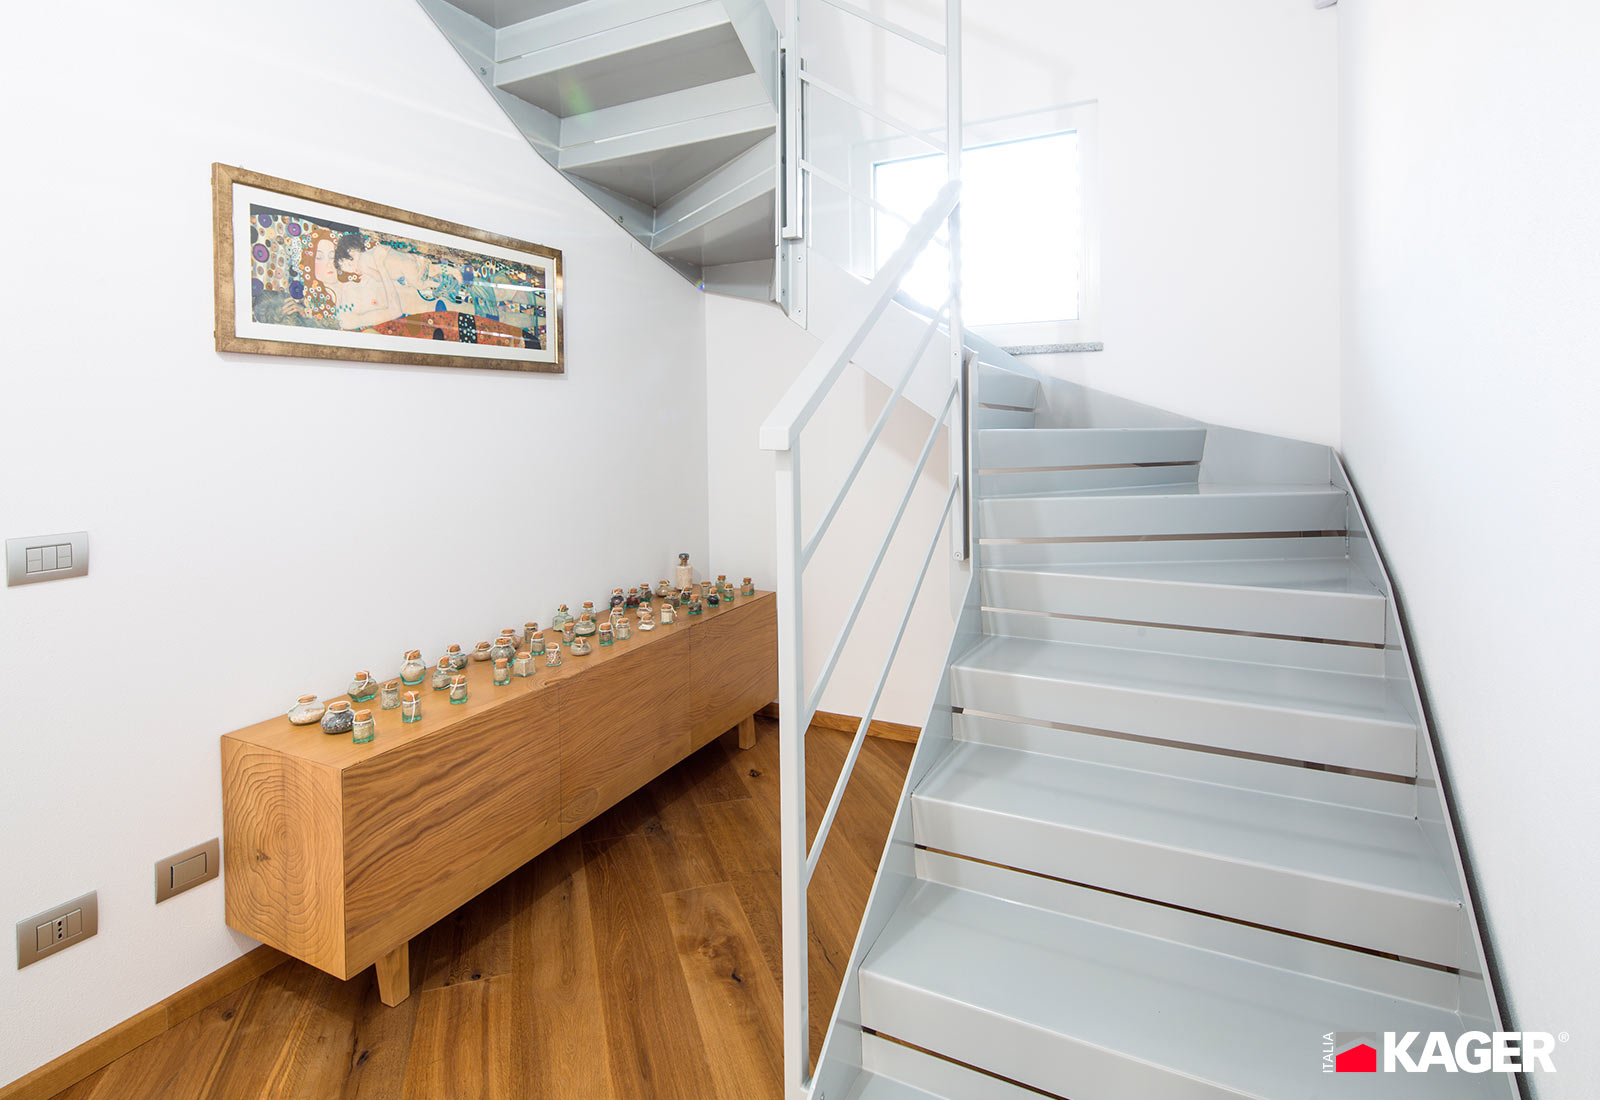 Casa-in-legno-Brebbia-Kager-Italia-10